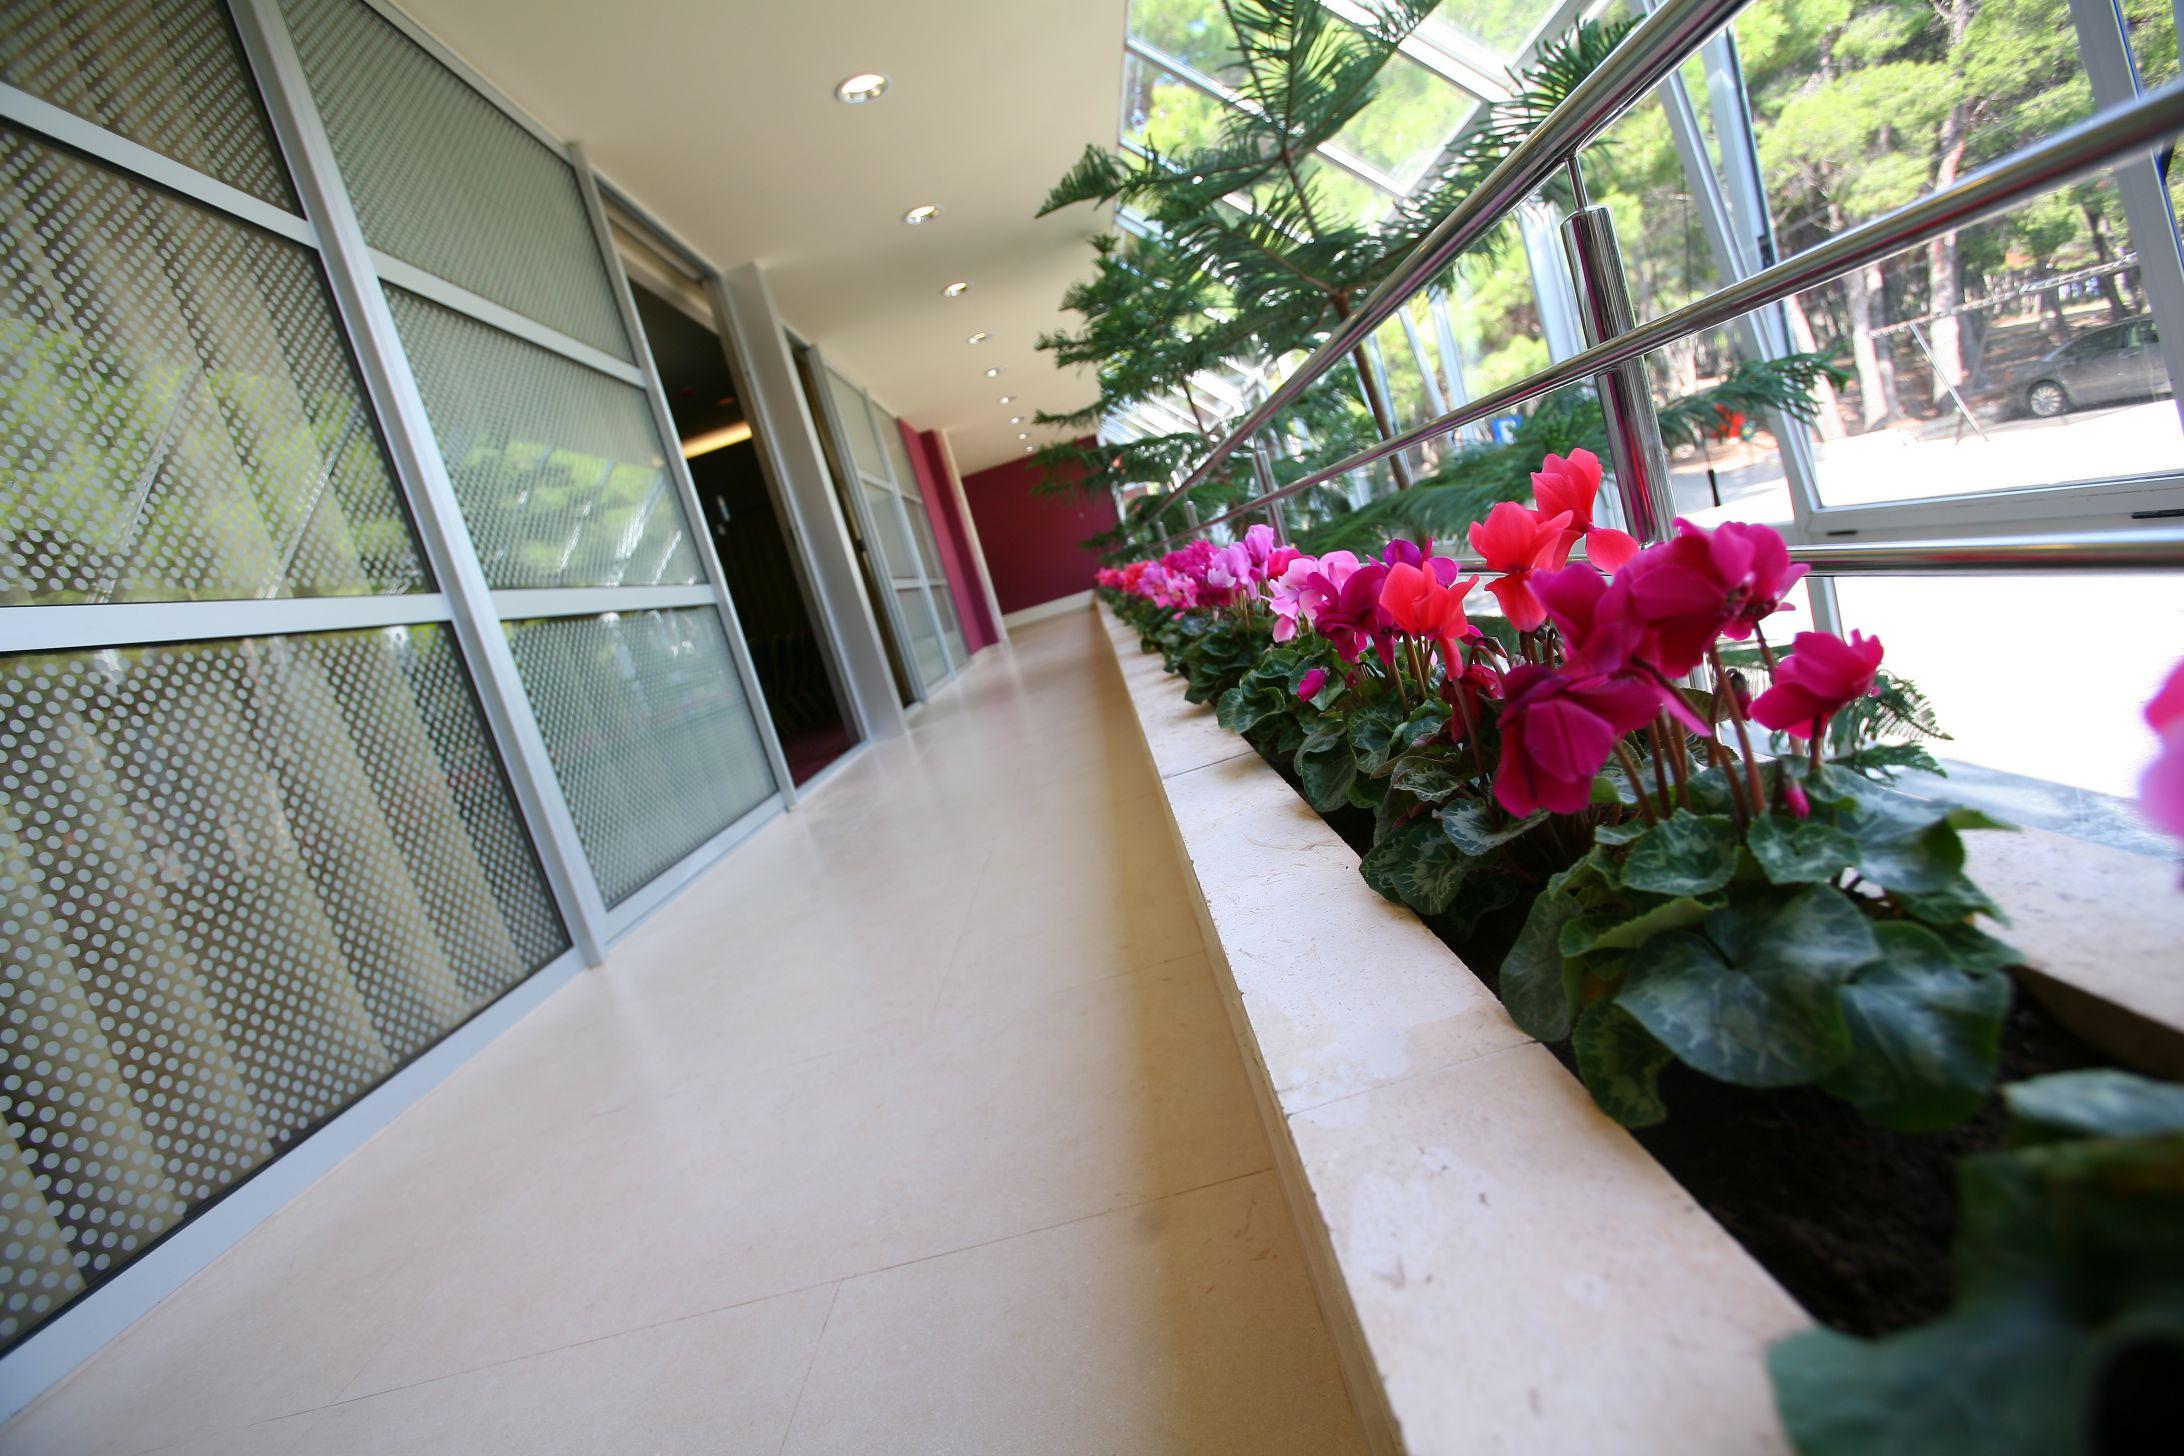 congress center winter garden 01 14823738314 o - Zora Hotel